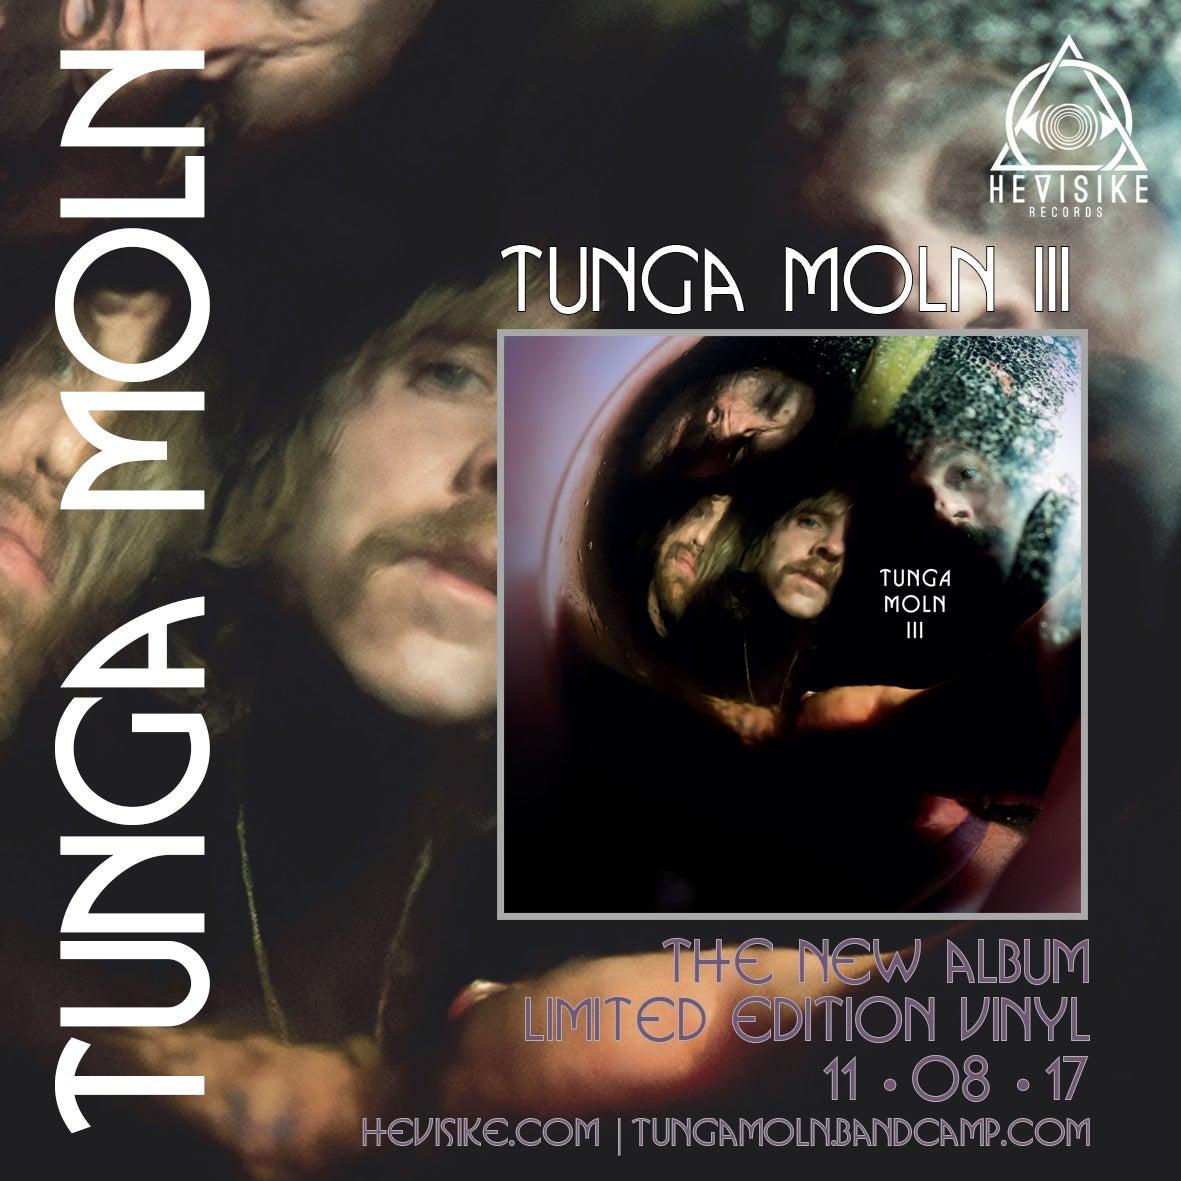 Image of Tunga Moln - III LP